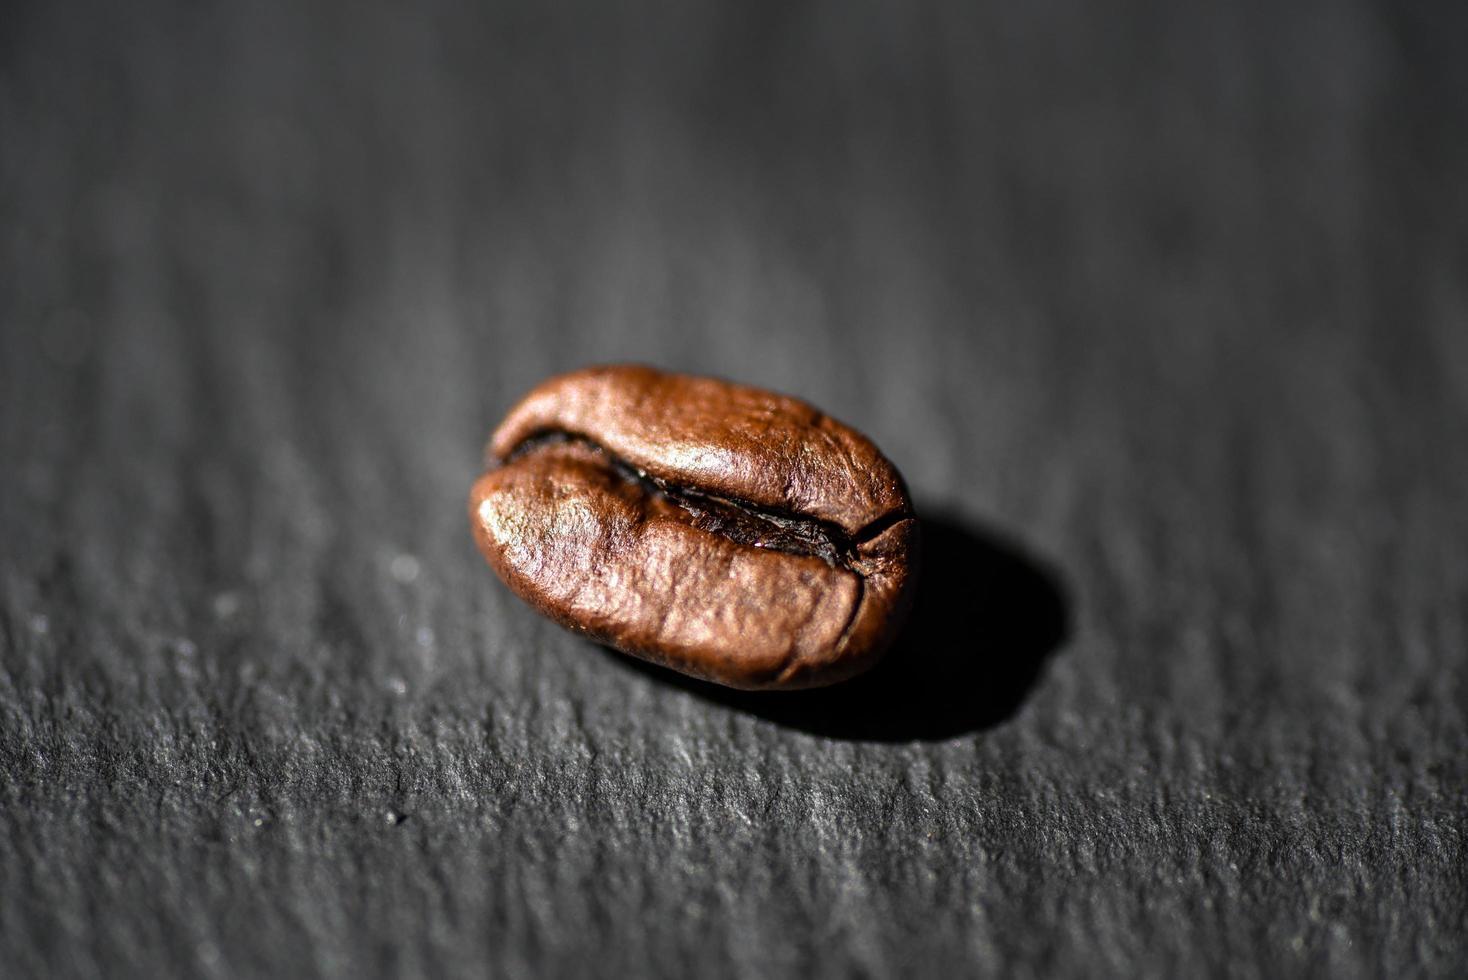 grano de café tostado foto